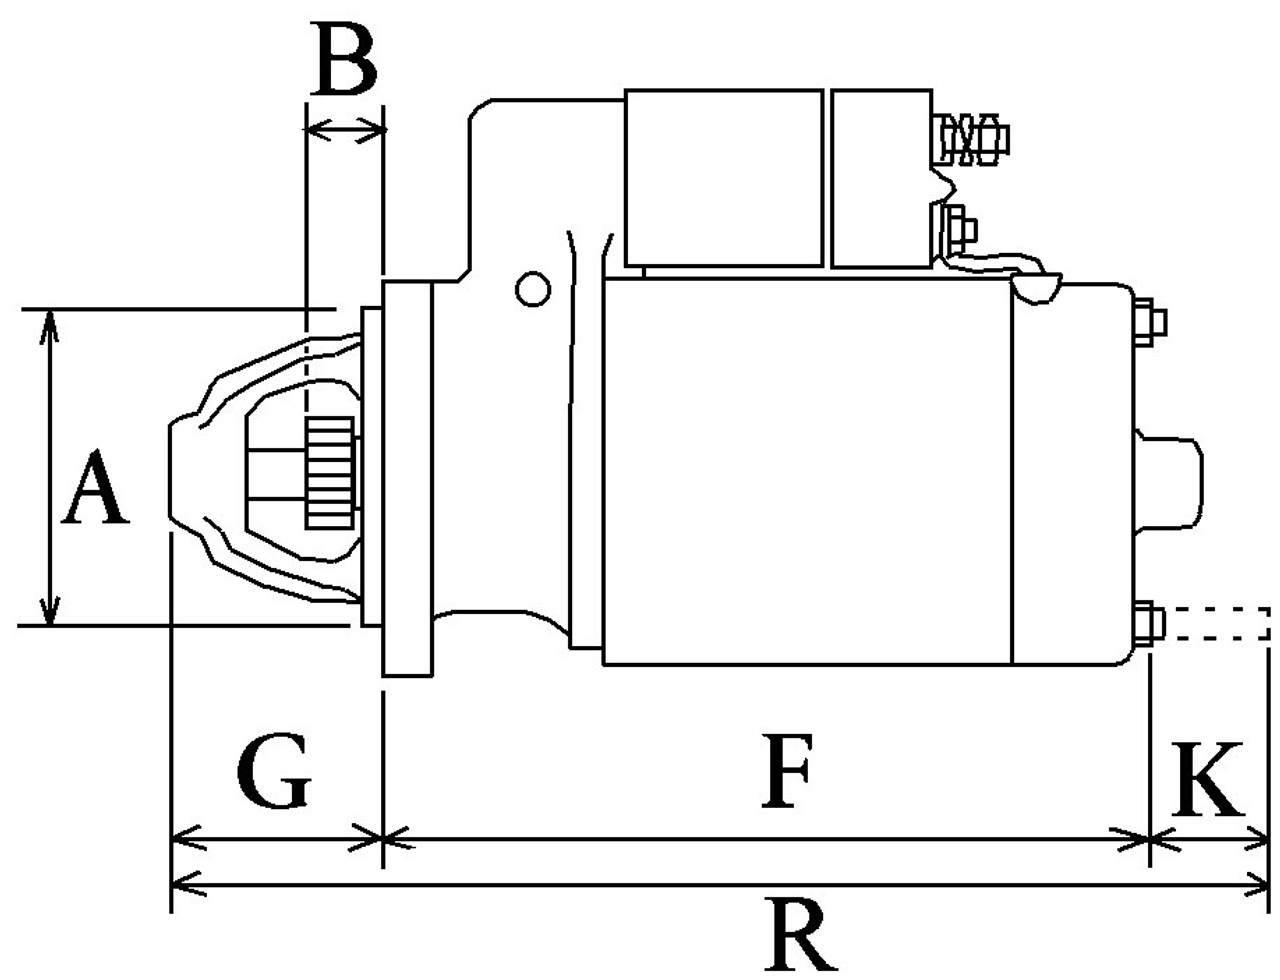 3gm30f yanmar starter motor wiring diagram yanmar 3gm30f partsyanmar 3gm30 starter motor on yanmar 3gm30f parts [ 1280 x 980 Pixel ]